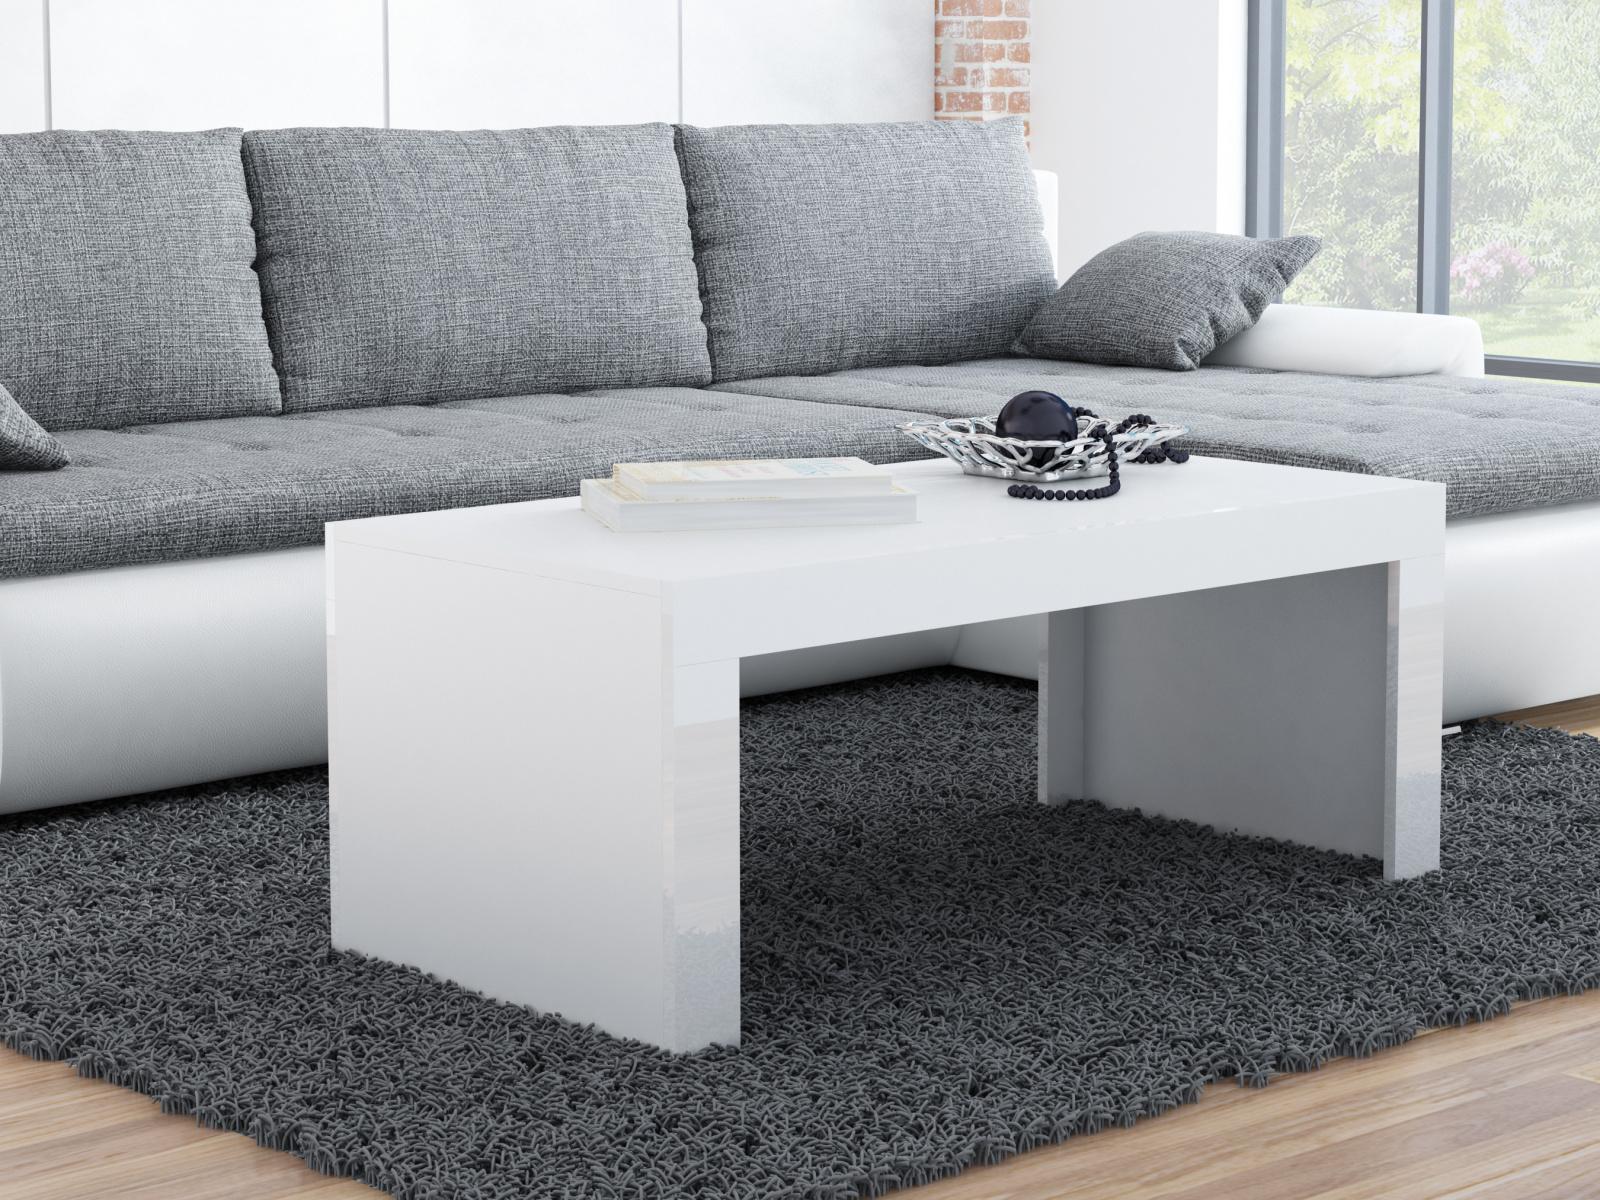 CAMA Konferenční stolek TESS, bílý mat/bílý lesk